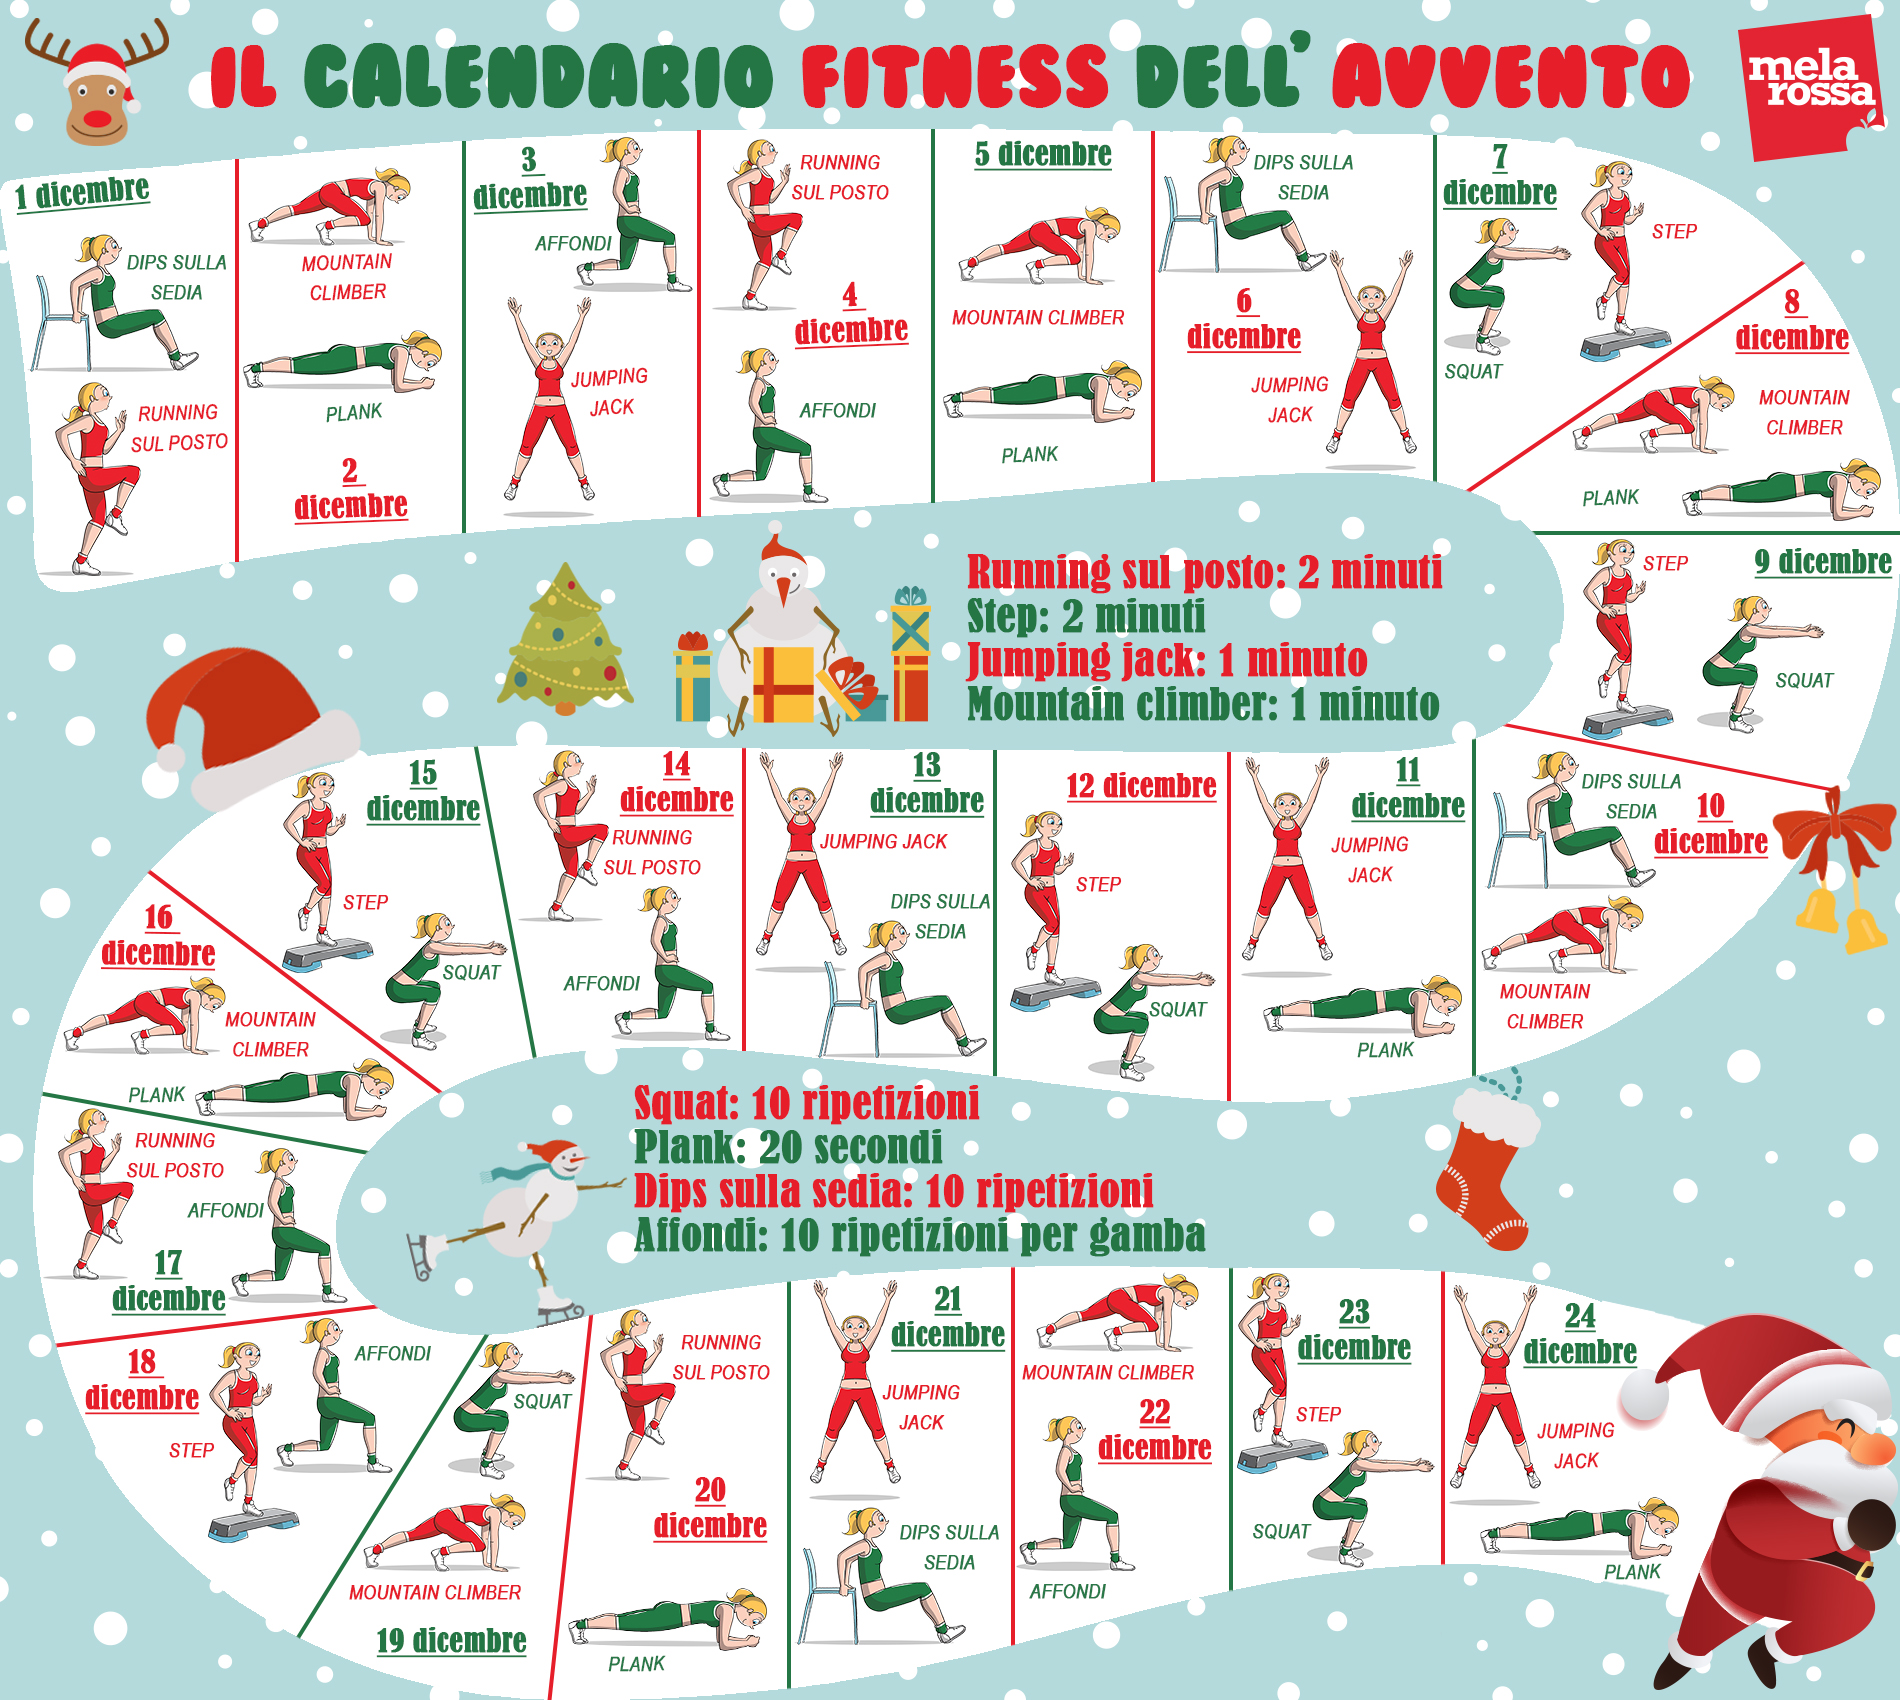 calendario dell'Avvento fitness